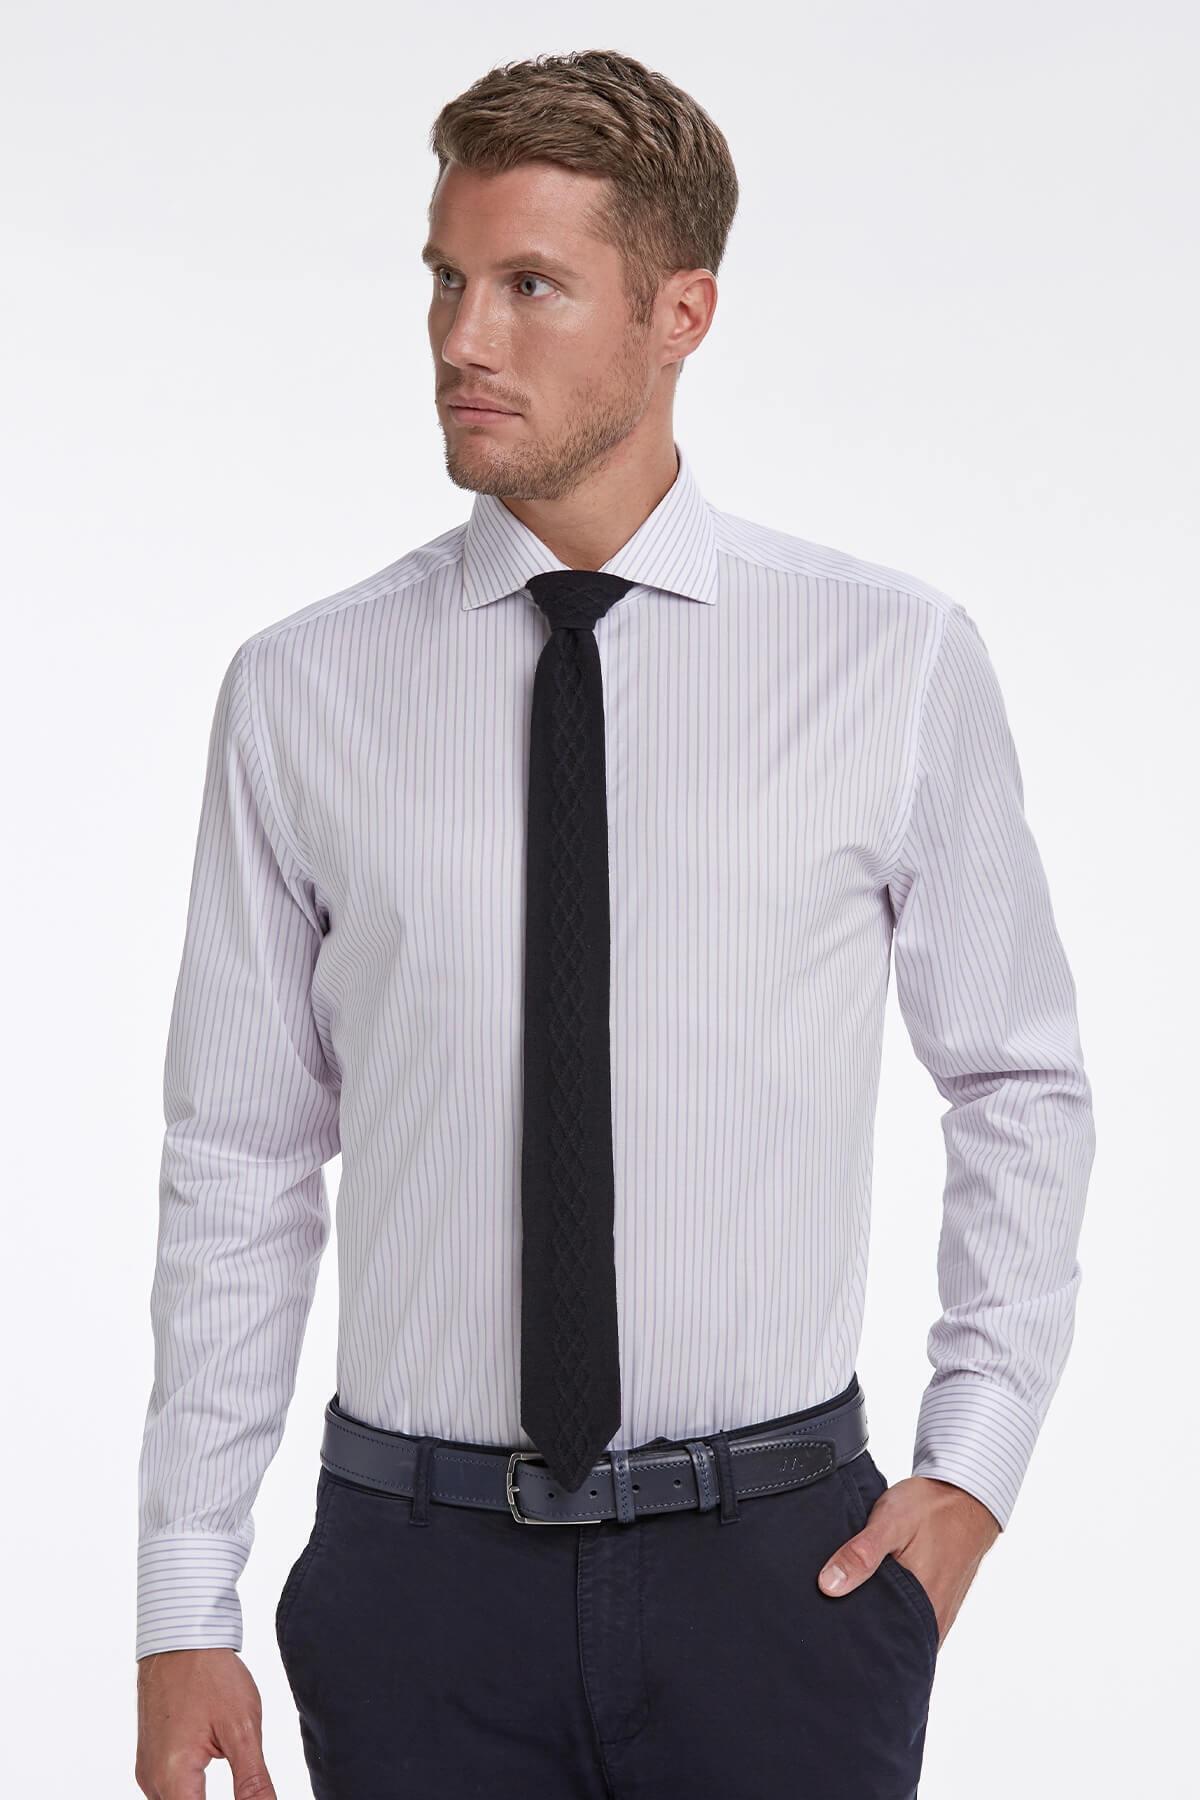 Hemington Lila Beyaz Çizgili Business Gömlek 1